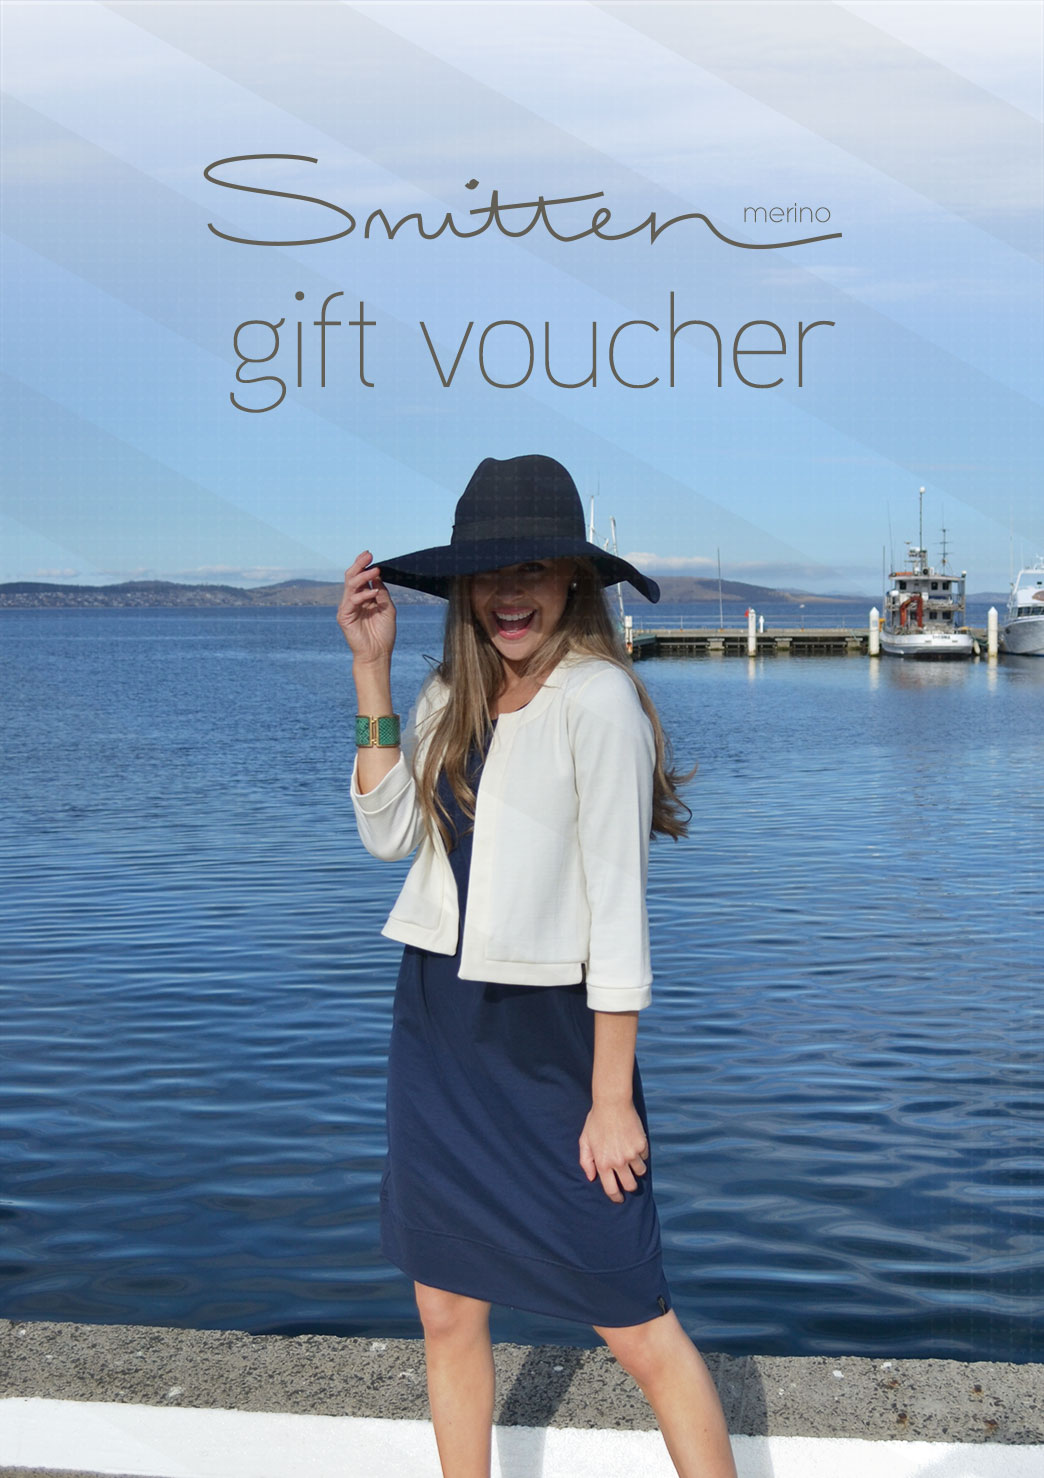 Gift Voucher - Smitten Merino Tasmania Australia